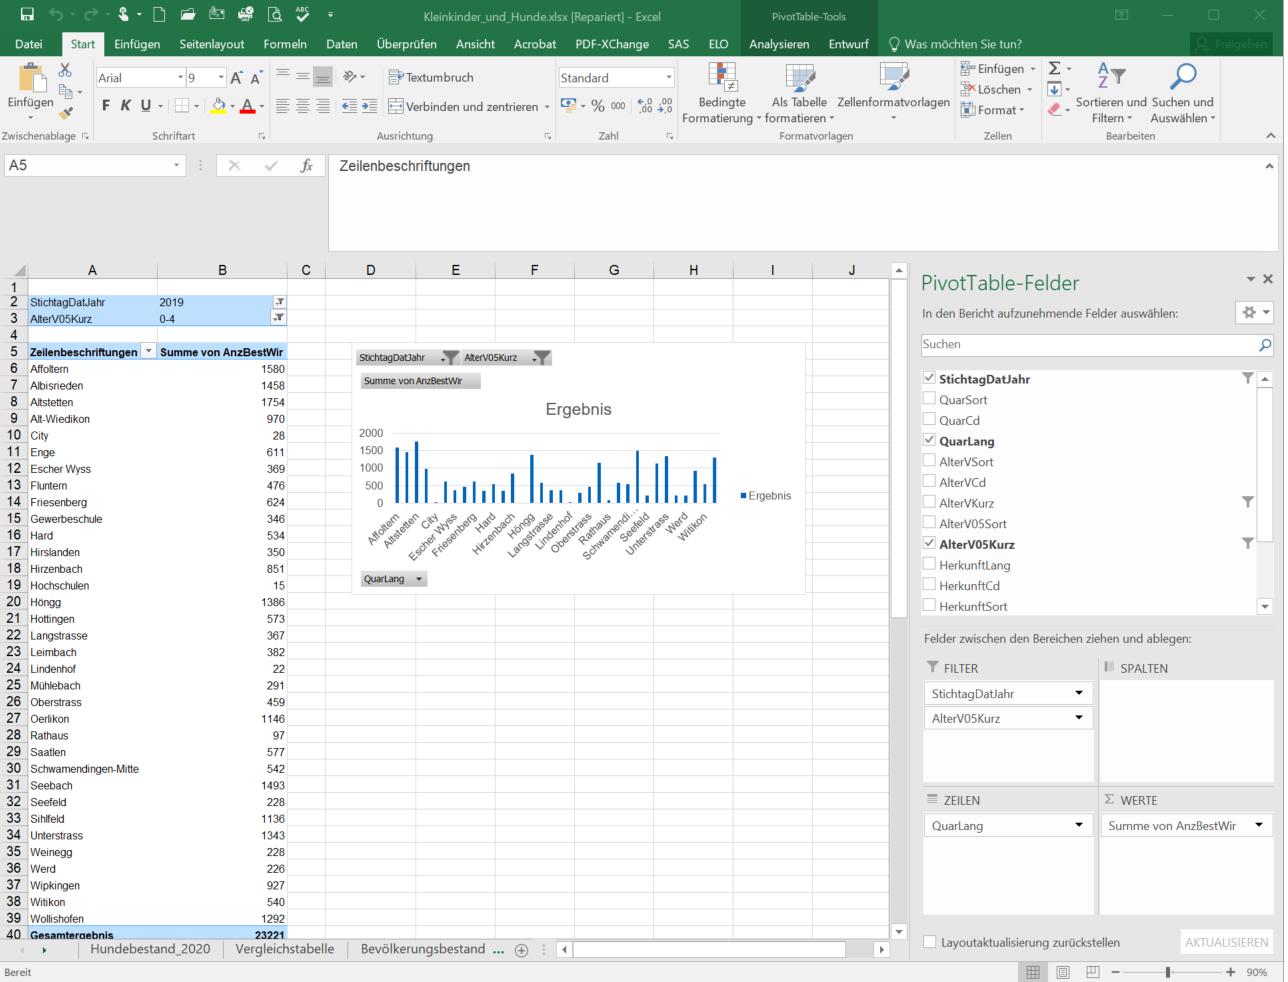 Excel-Datei